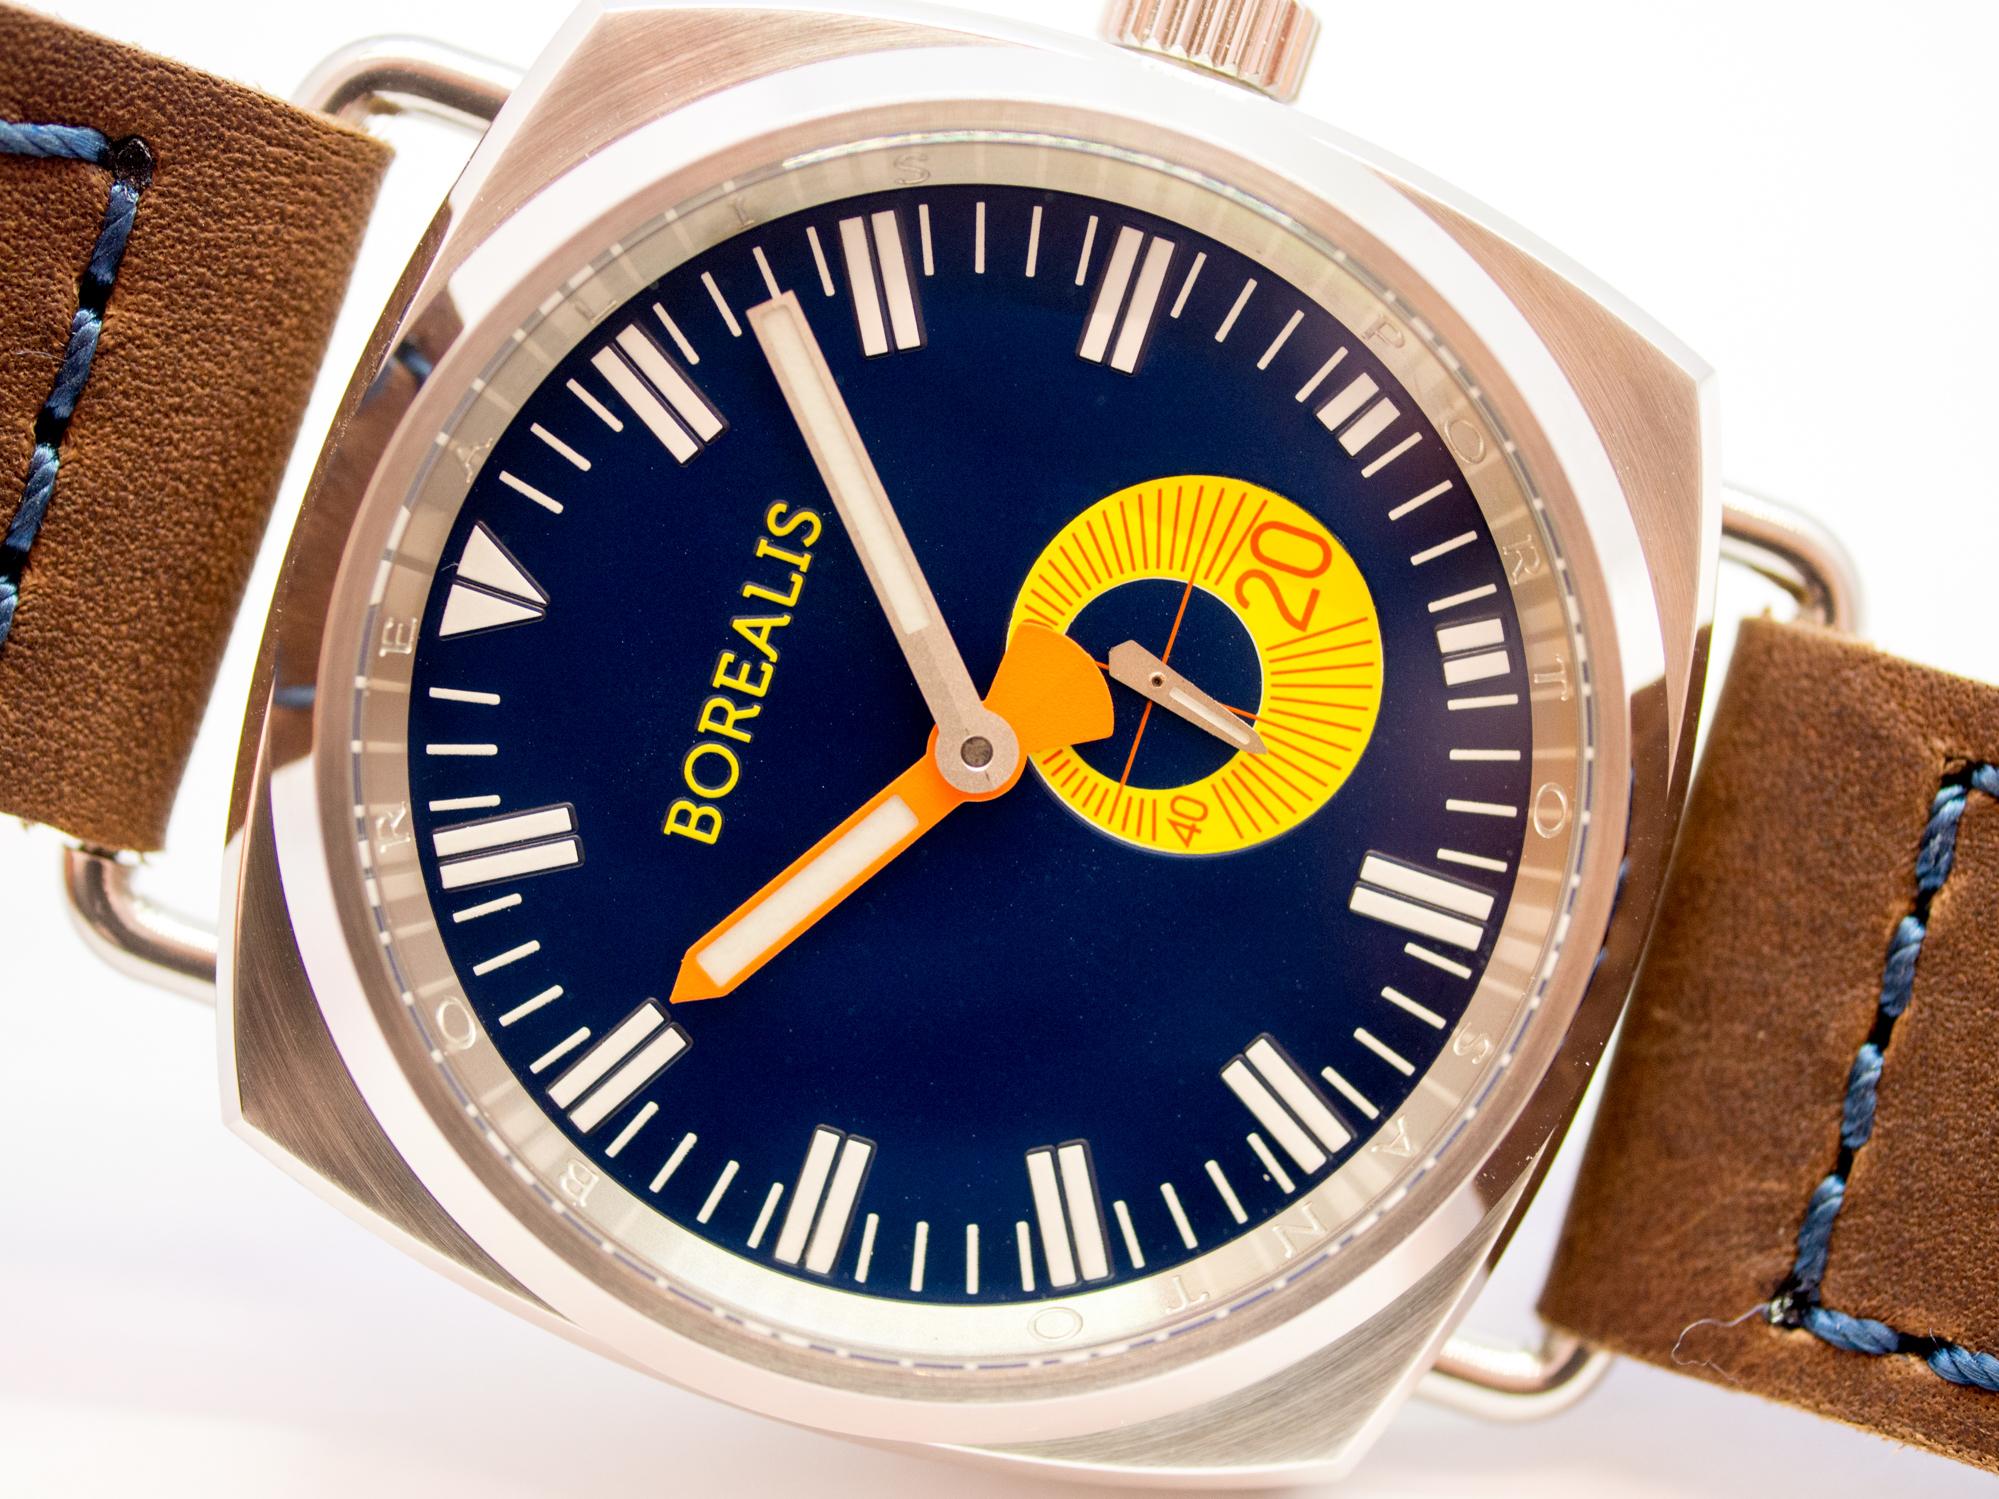 Borealis Porto Santo Automatic Diver Watch Blue Dial BGW9 Lume Miyota 8128